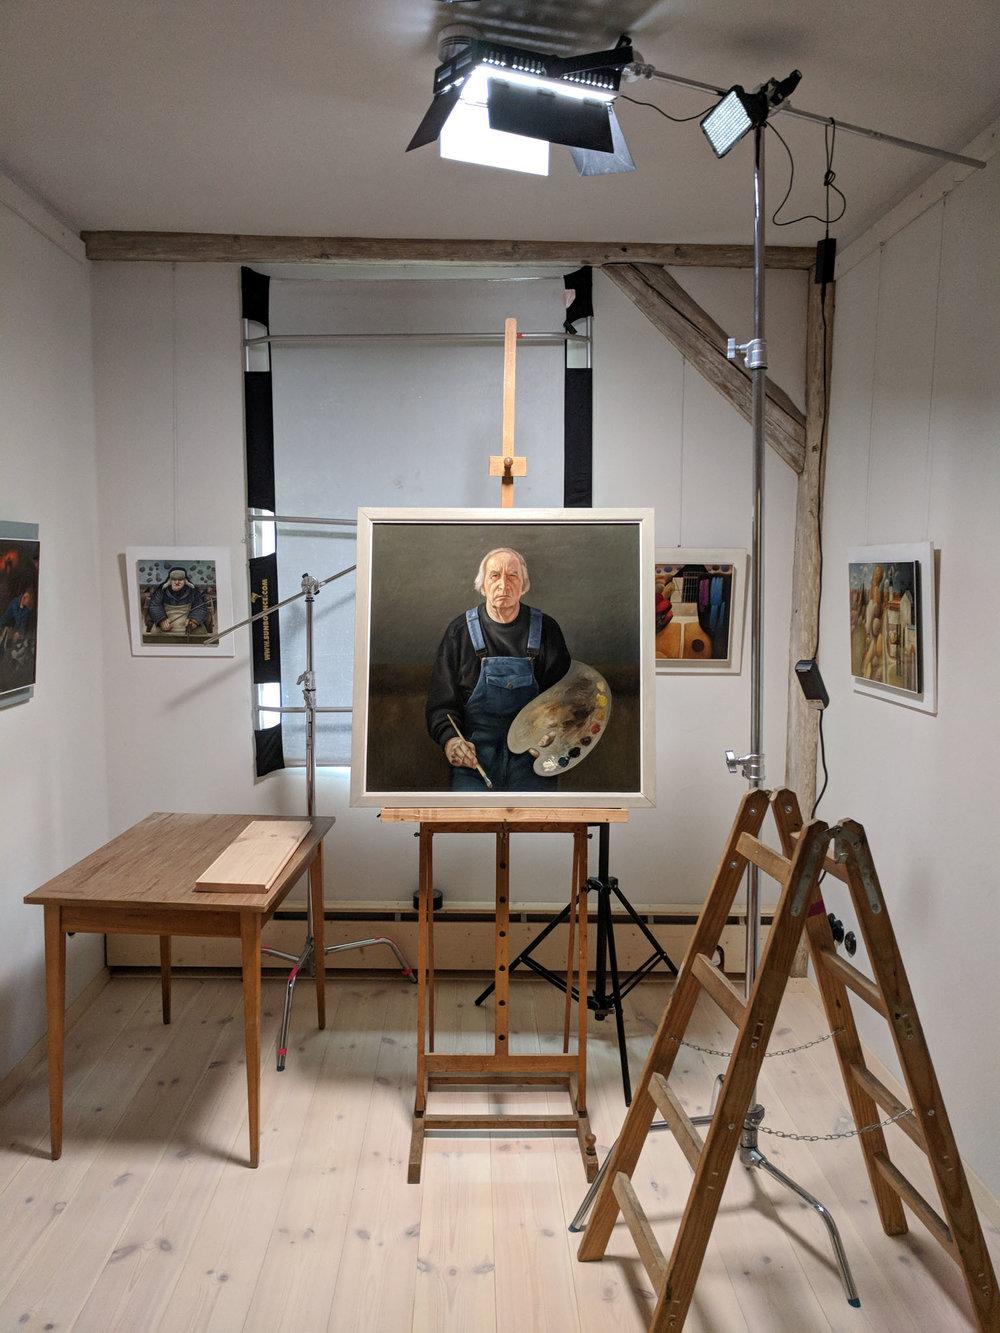 Atelier- und Ausstellungsraum IV in der O66. Foto © ORLA e.V.